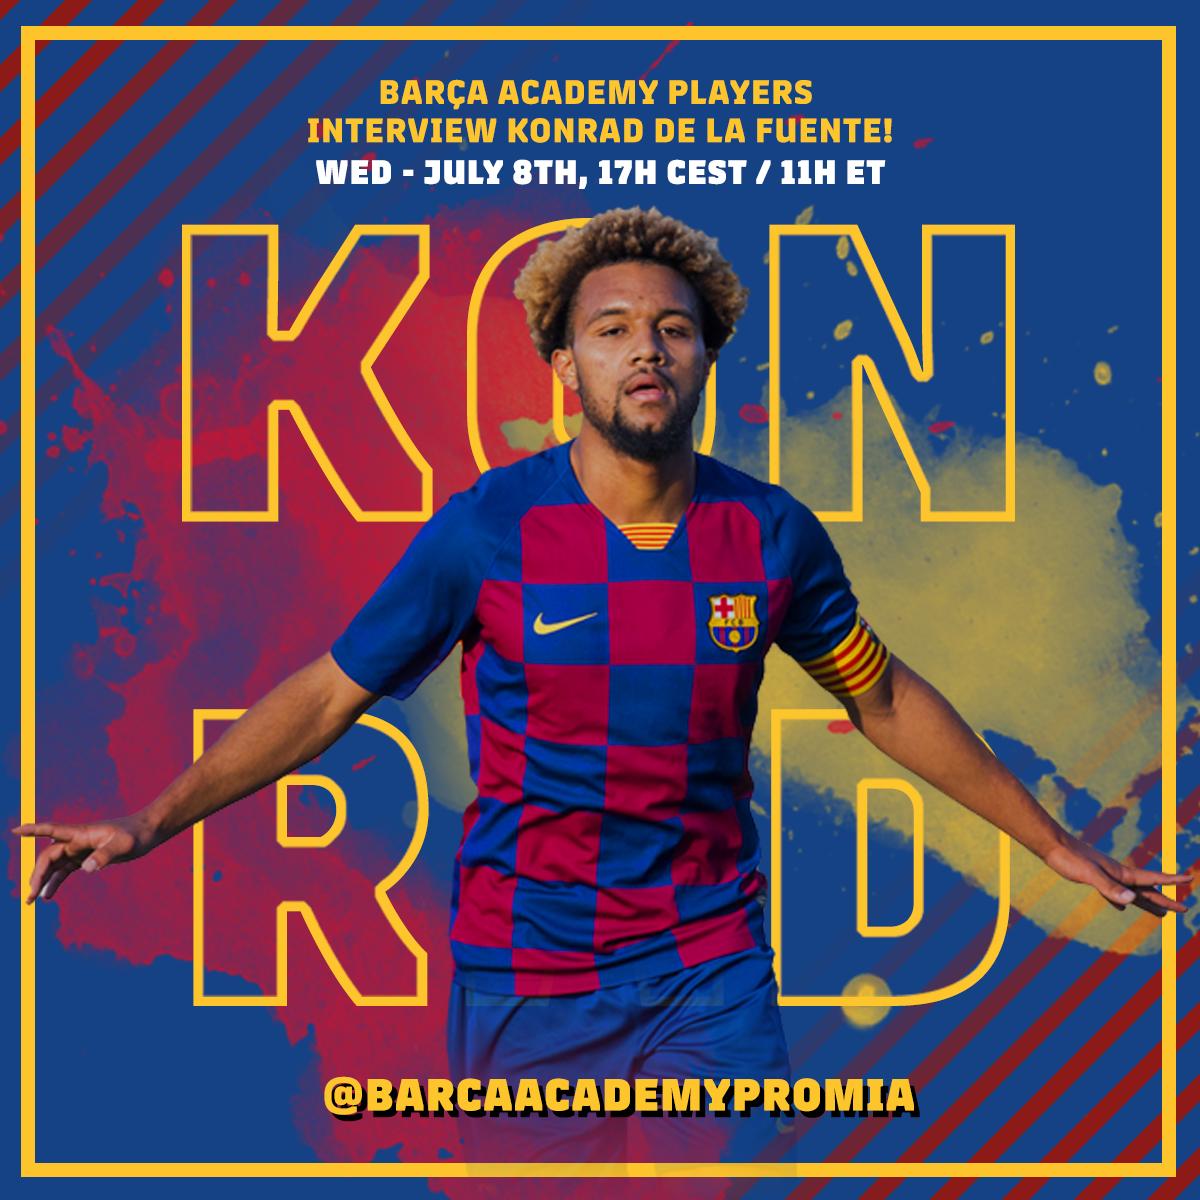 💙❤ Los jugadores de la #BarçaAcademyPRONY @BarcaAcademyNY y de la #BarçaAcademyPROMiami entrevistarán este miércoles (11AM ET, 5PM CET) al jugador del FC Barcelona B @FCBarcelonaB Konrad De la Fuente @konradjr. Síguelo en directo en instagram.com/barcaacademypr…